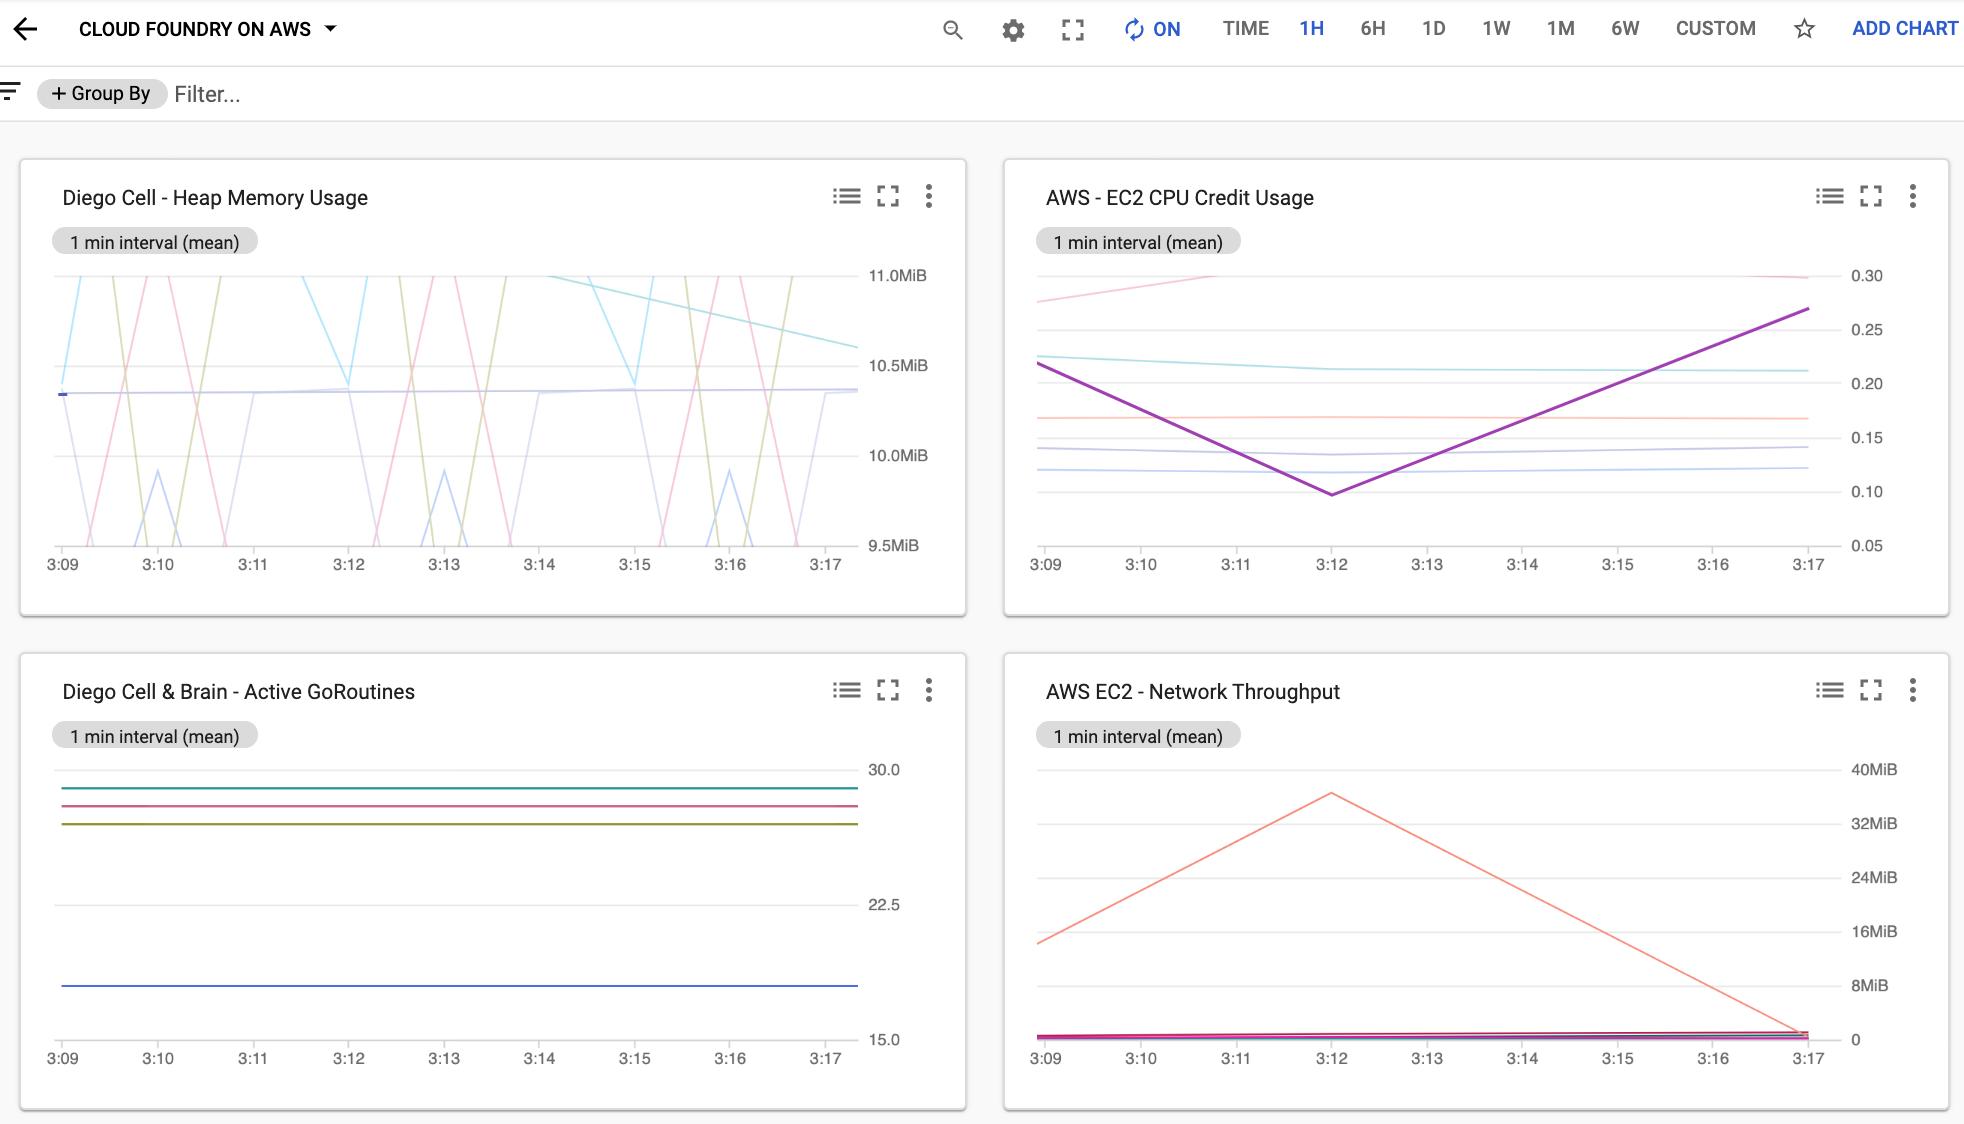 Dashboard mit Leistungsmesswerten von Cloud Foundry Diego Cell